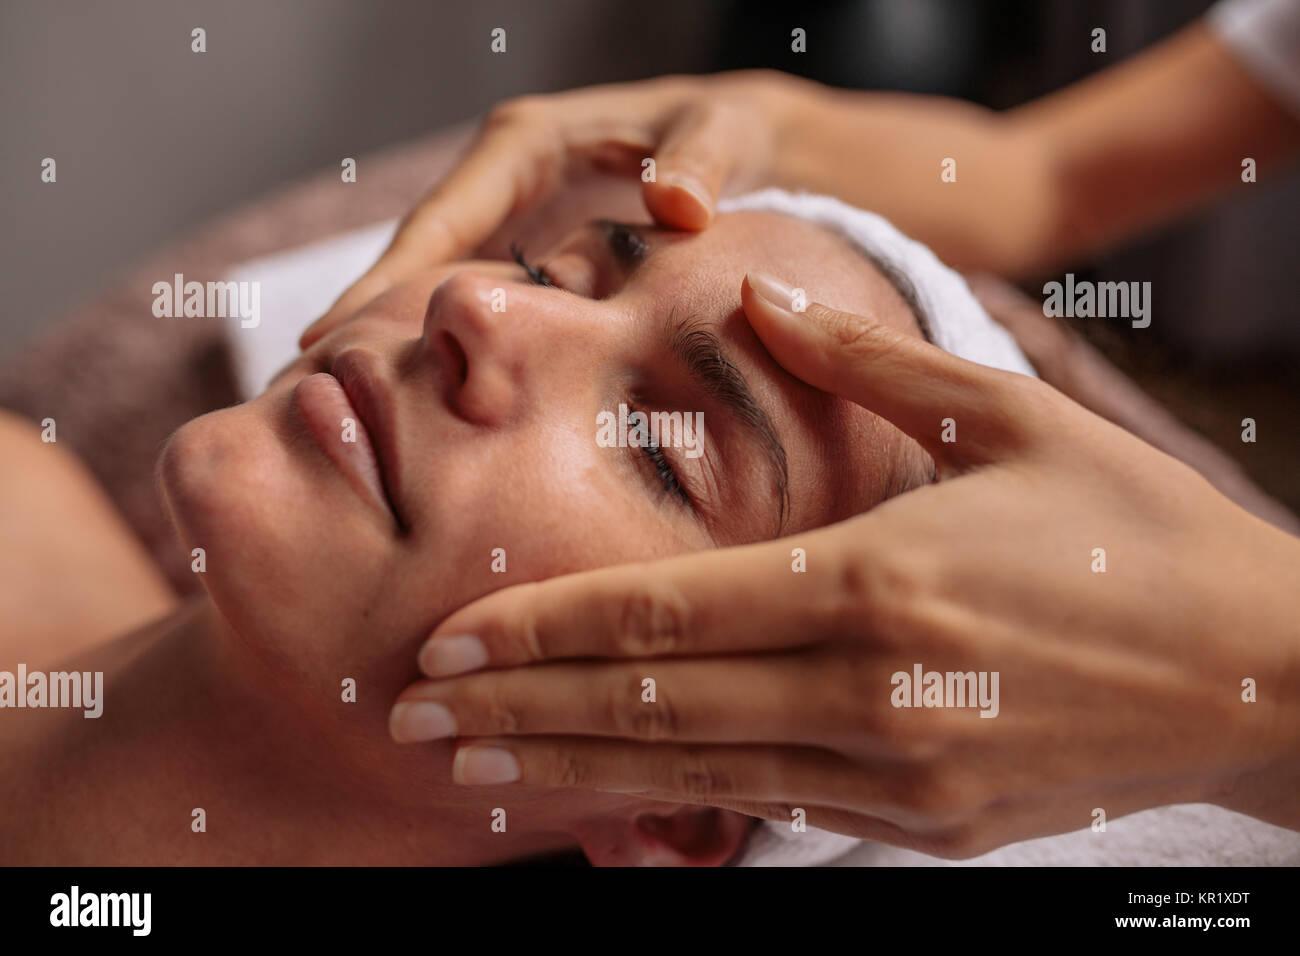 Nahaufnahme einer Frau in facial Beauty Behandlung im Spa Salon. Schöne junge Frau, eine Gesichtsmassage. Stockbild